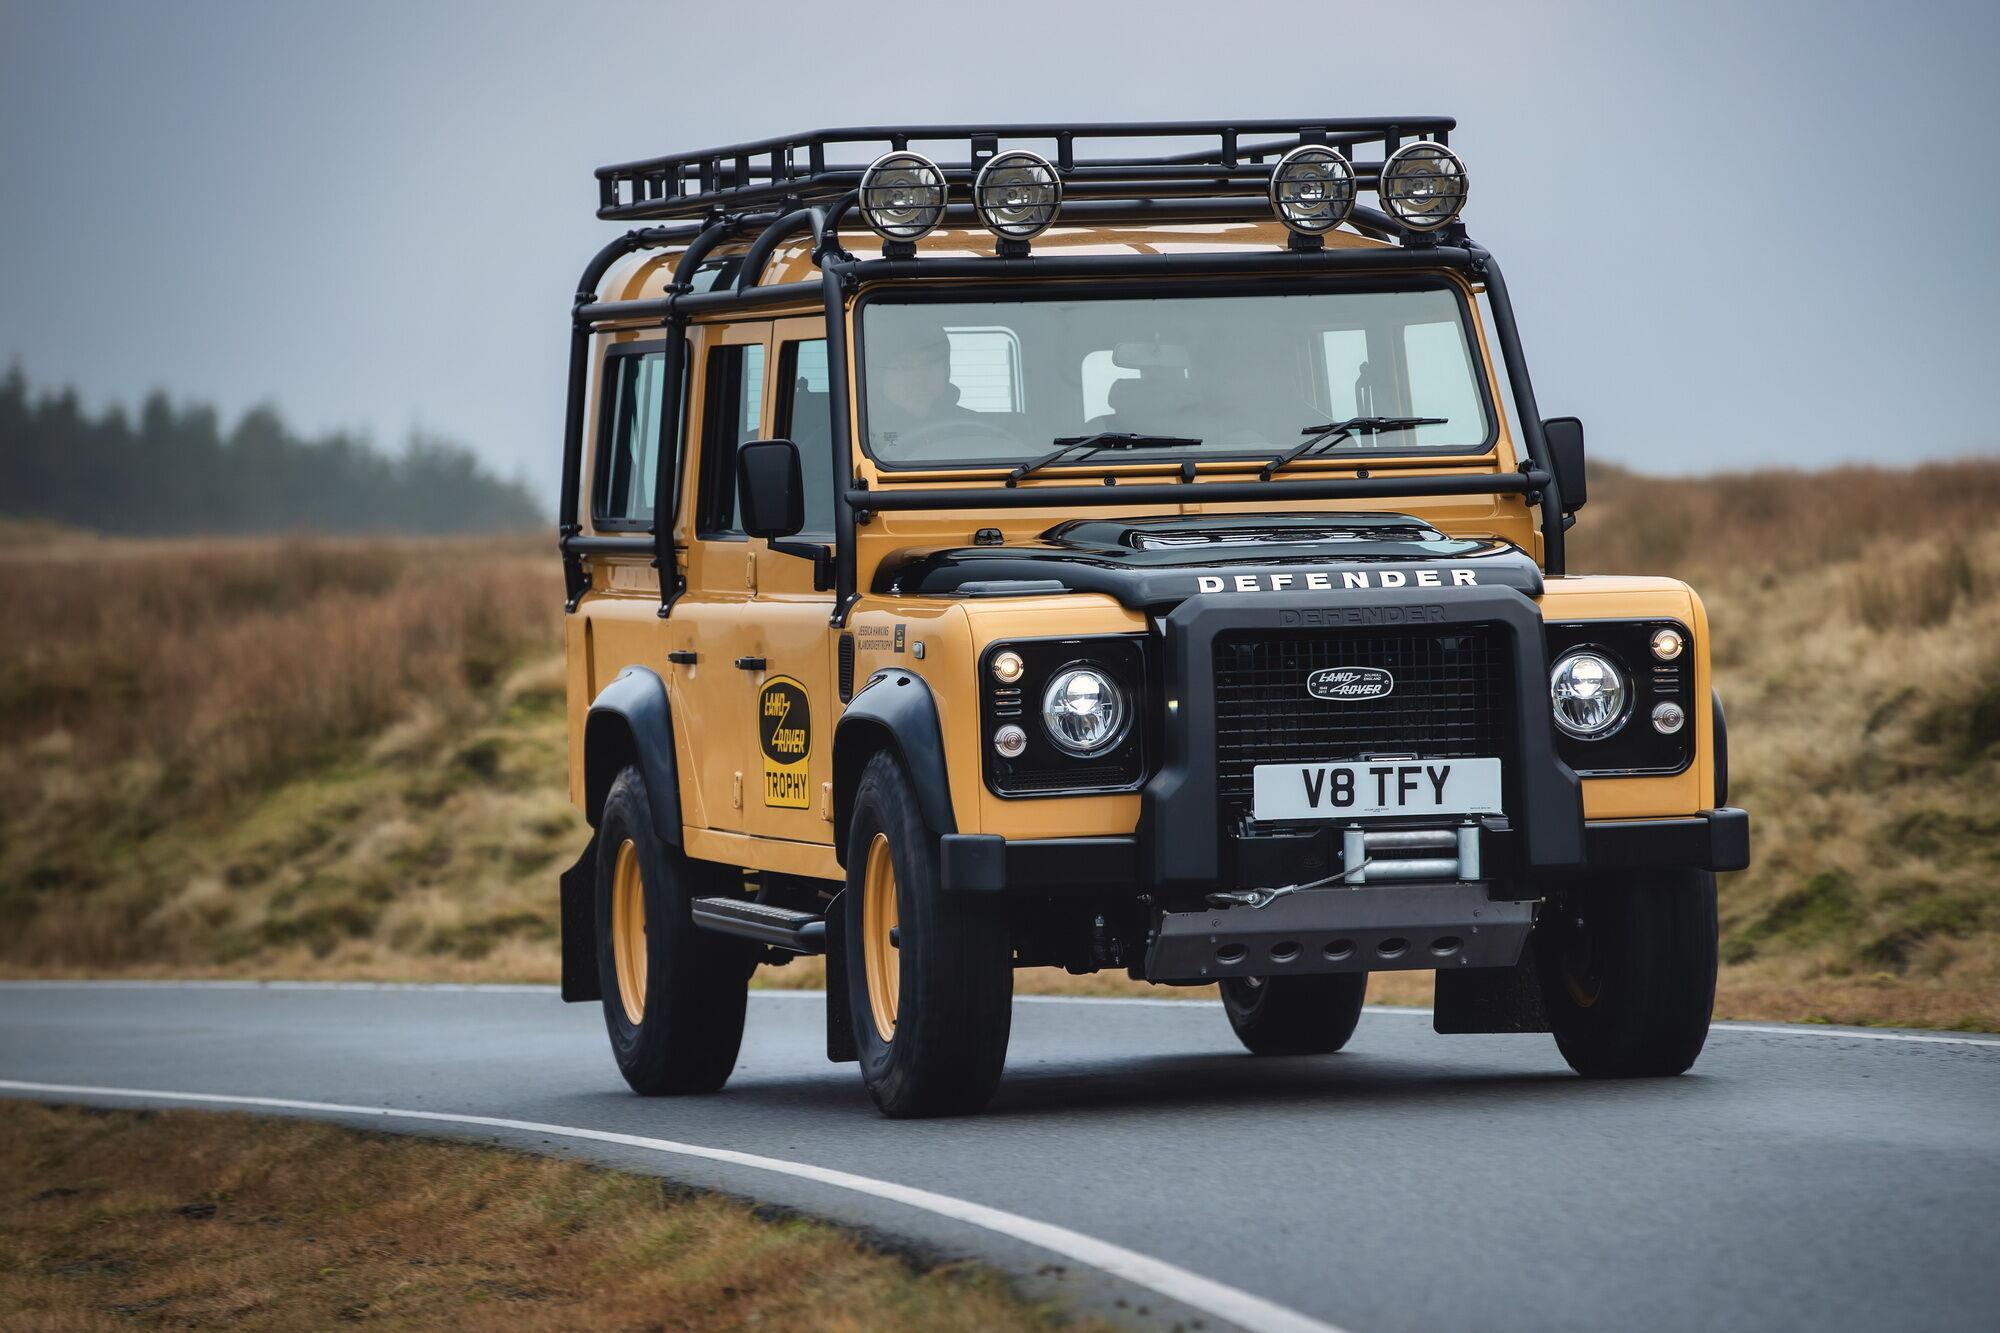 25 екземплярів Defender Works V8 Trophy в 90 та 110 кузові оформлені в ексклюзивному кольорі Eastnor Yellow